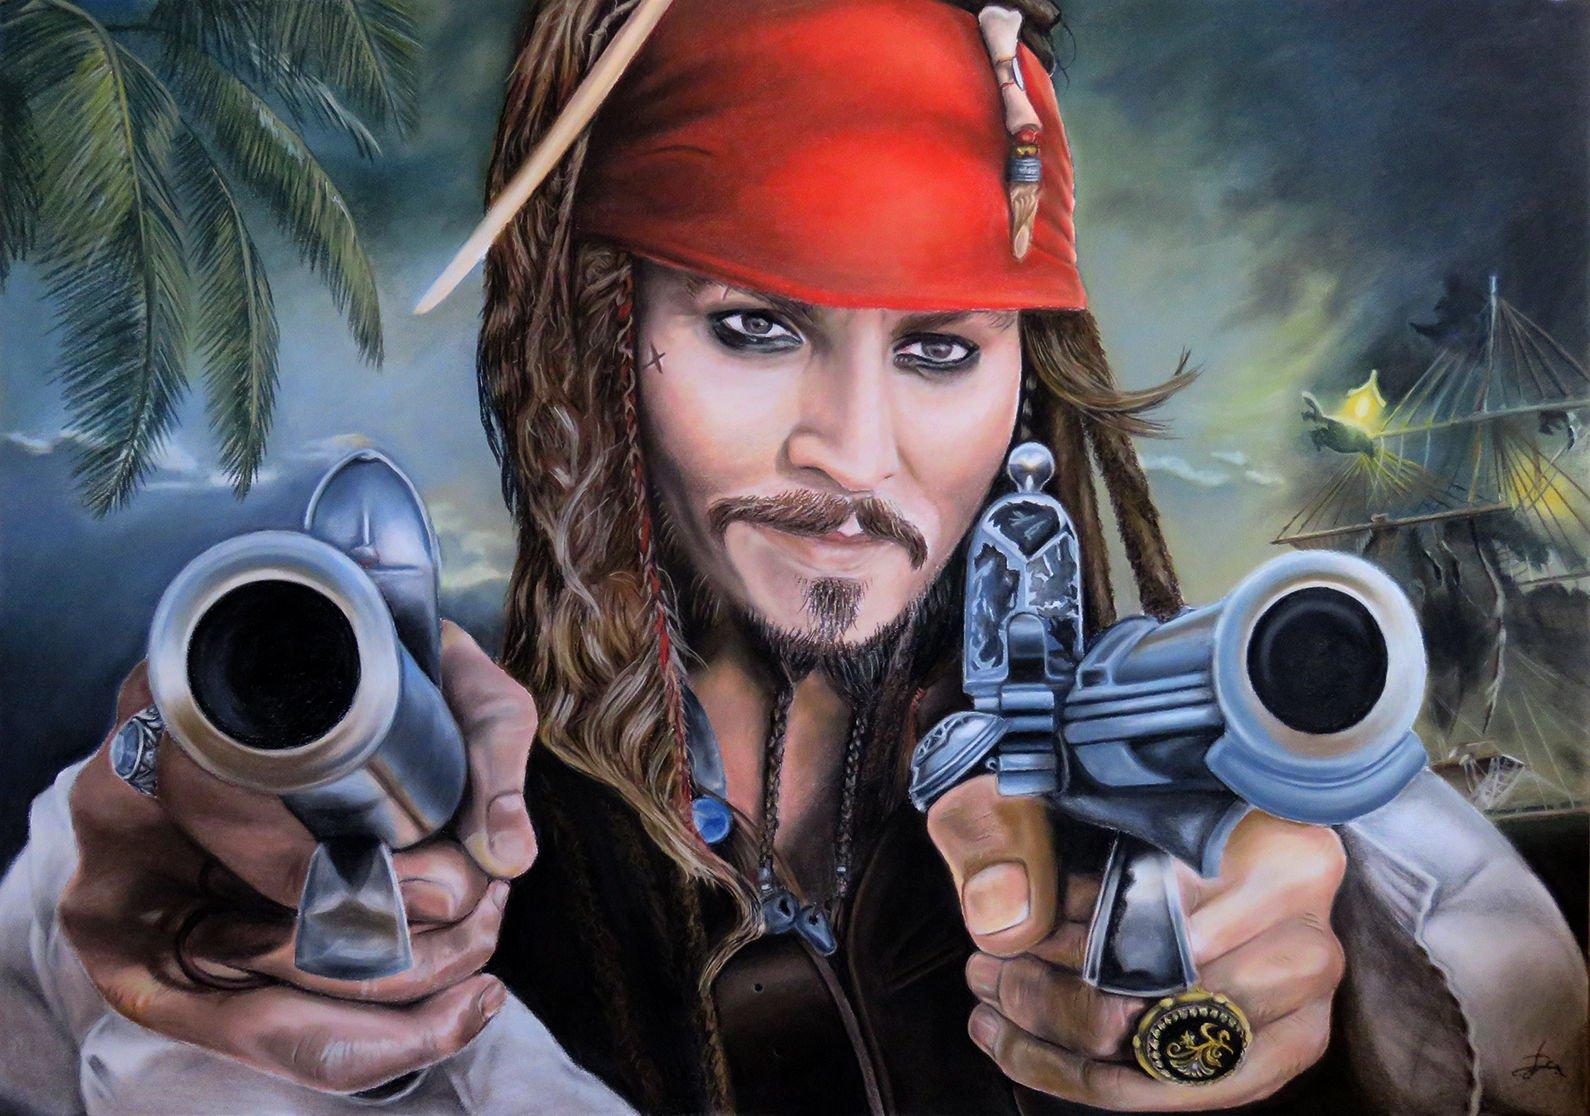 Jack Sparrow pastel pencil drawing